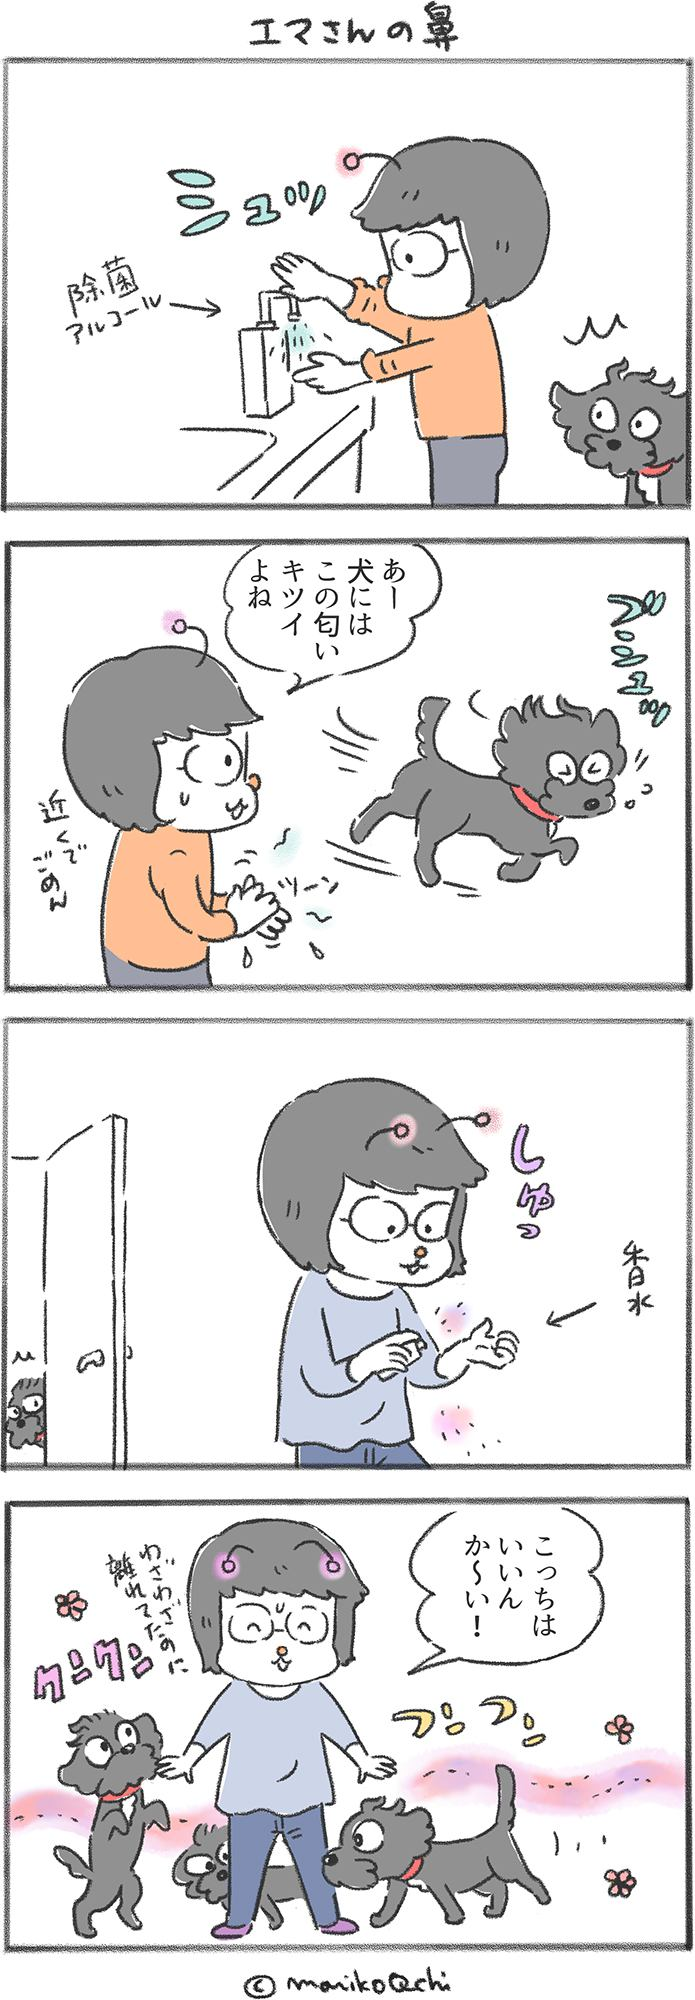 犬と暮らせば第74話